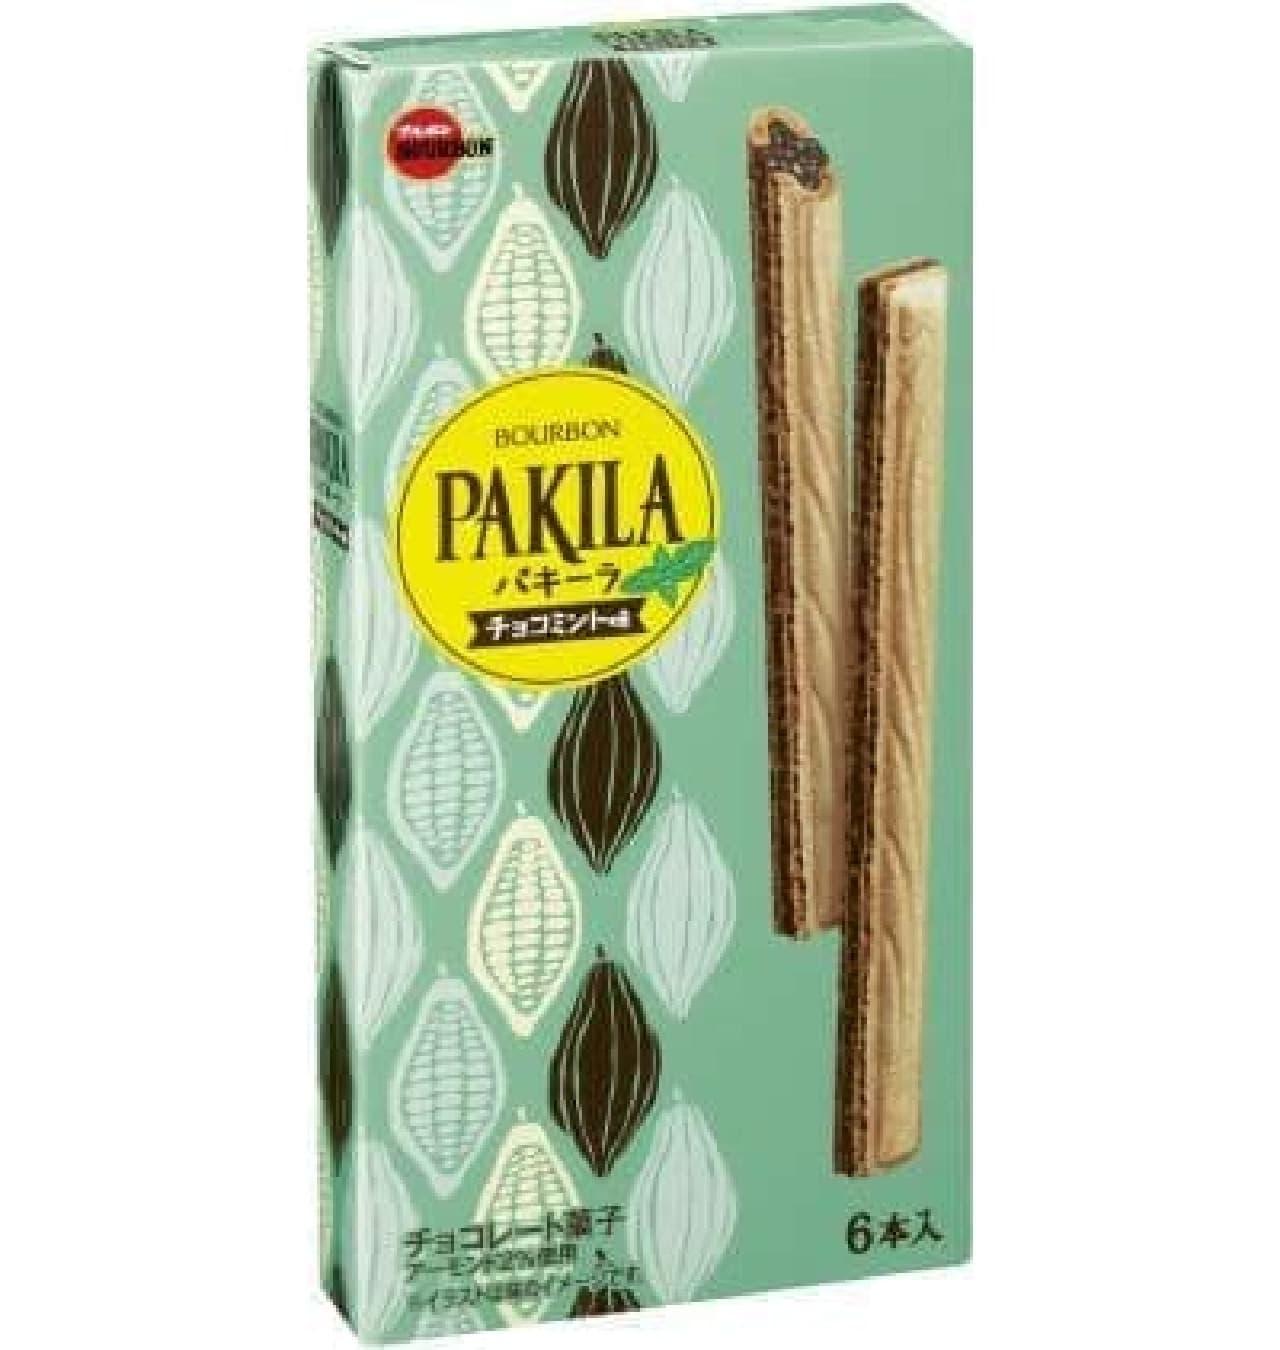 「パキーラチョコミント味」はスティックタイプのチョコウエハース